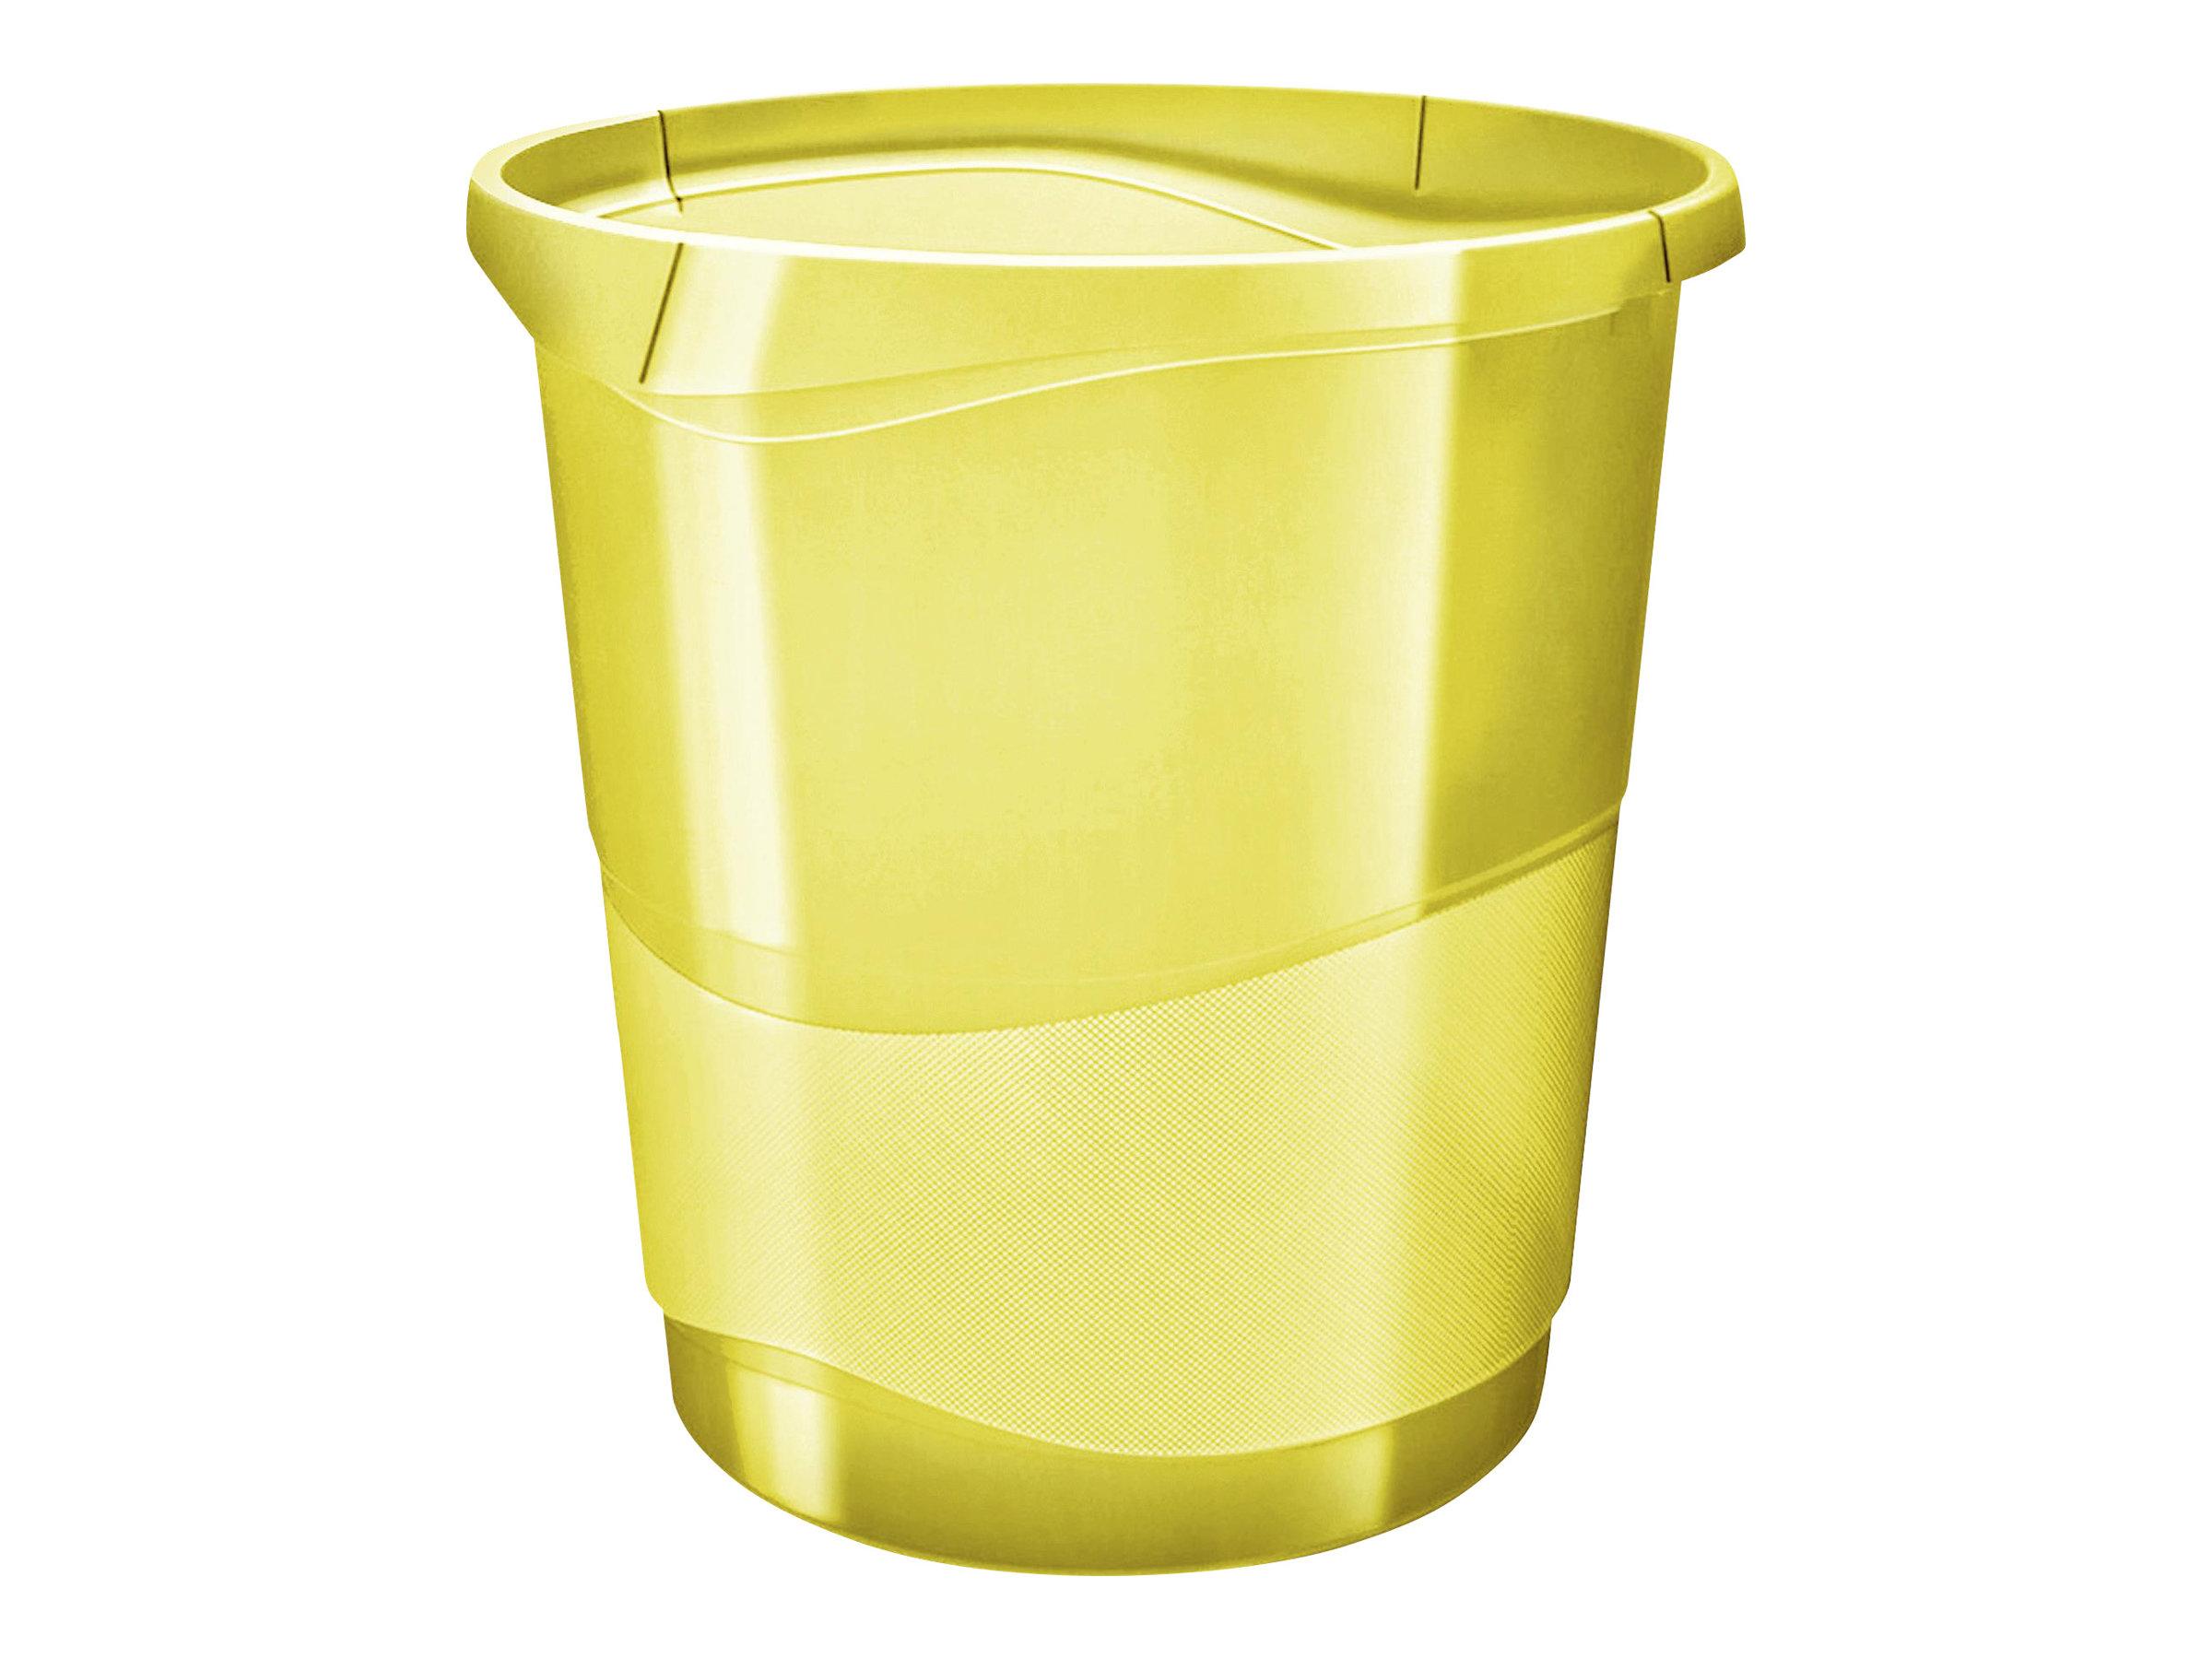 Esselte Colour'Ice - Papierkorb - 14 L - Griffe - Kunststoff